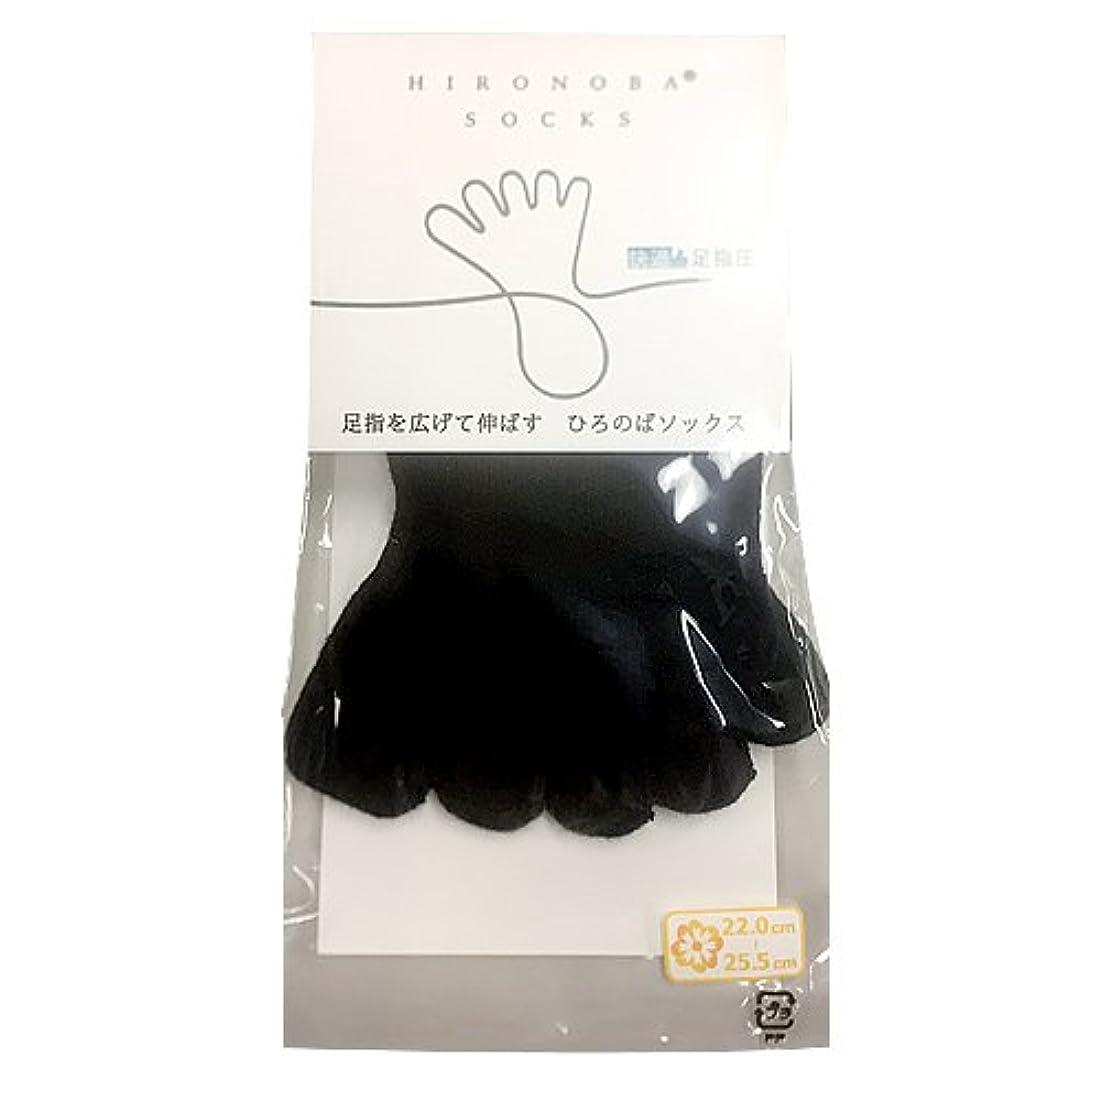 いつ促す仲人ひろのば(ゆびのば)ソックス レギュラー ブラック 足長(22~25.5cm) 矯正5本指ソックス